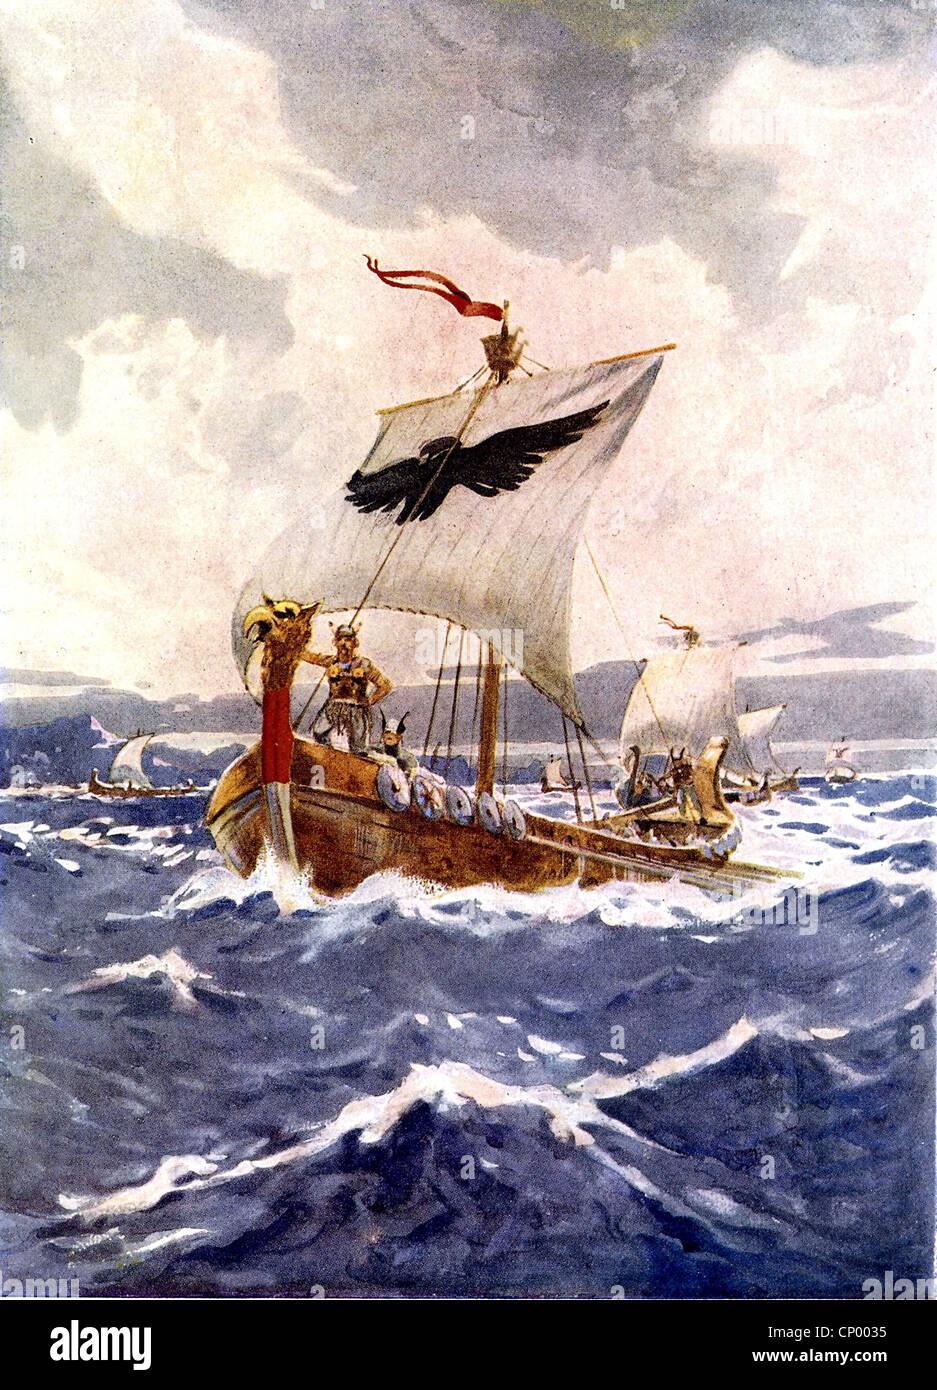 Mittelalter, Wikinger, Wikinger Schiff, Segeln, Gemälde von Arch Webb, historisch, historische, Schiffe, Boot, Meer, Stockfoto